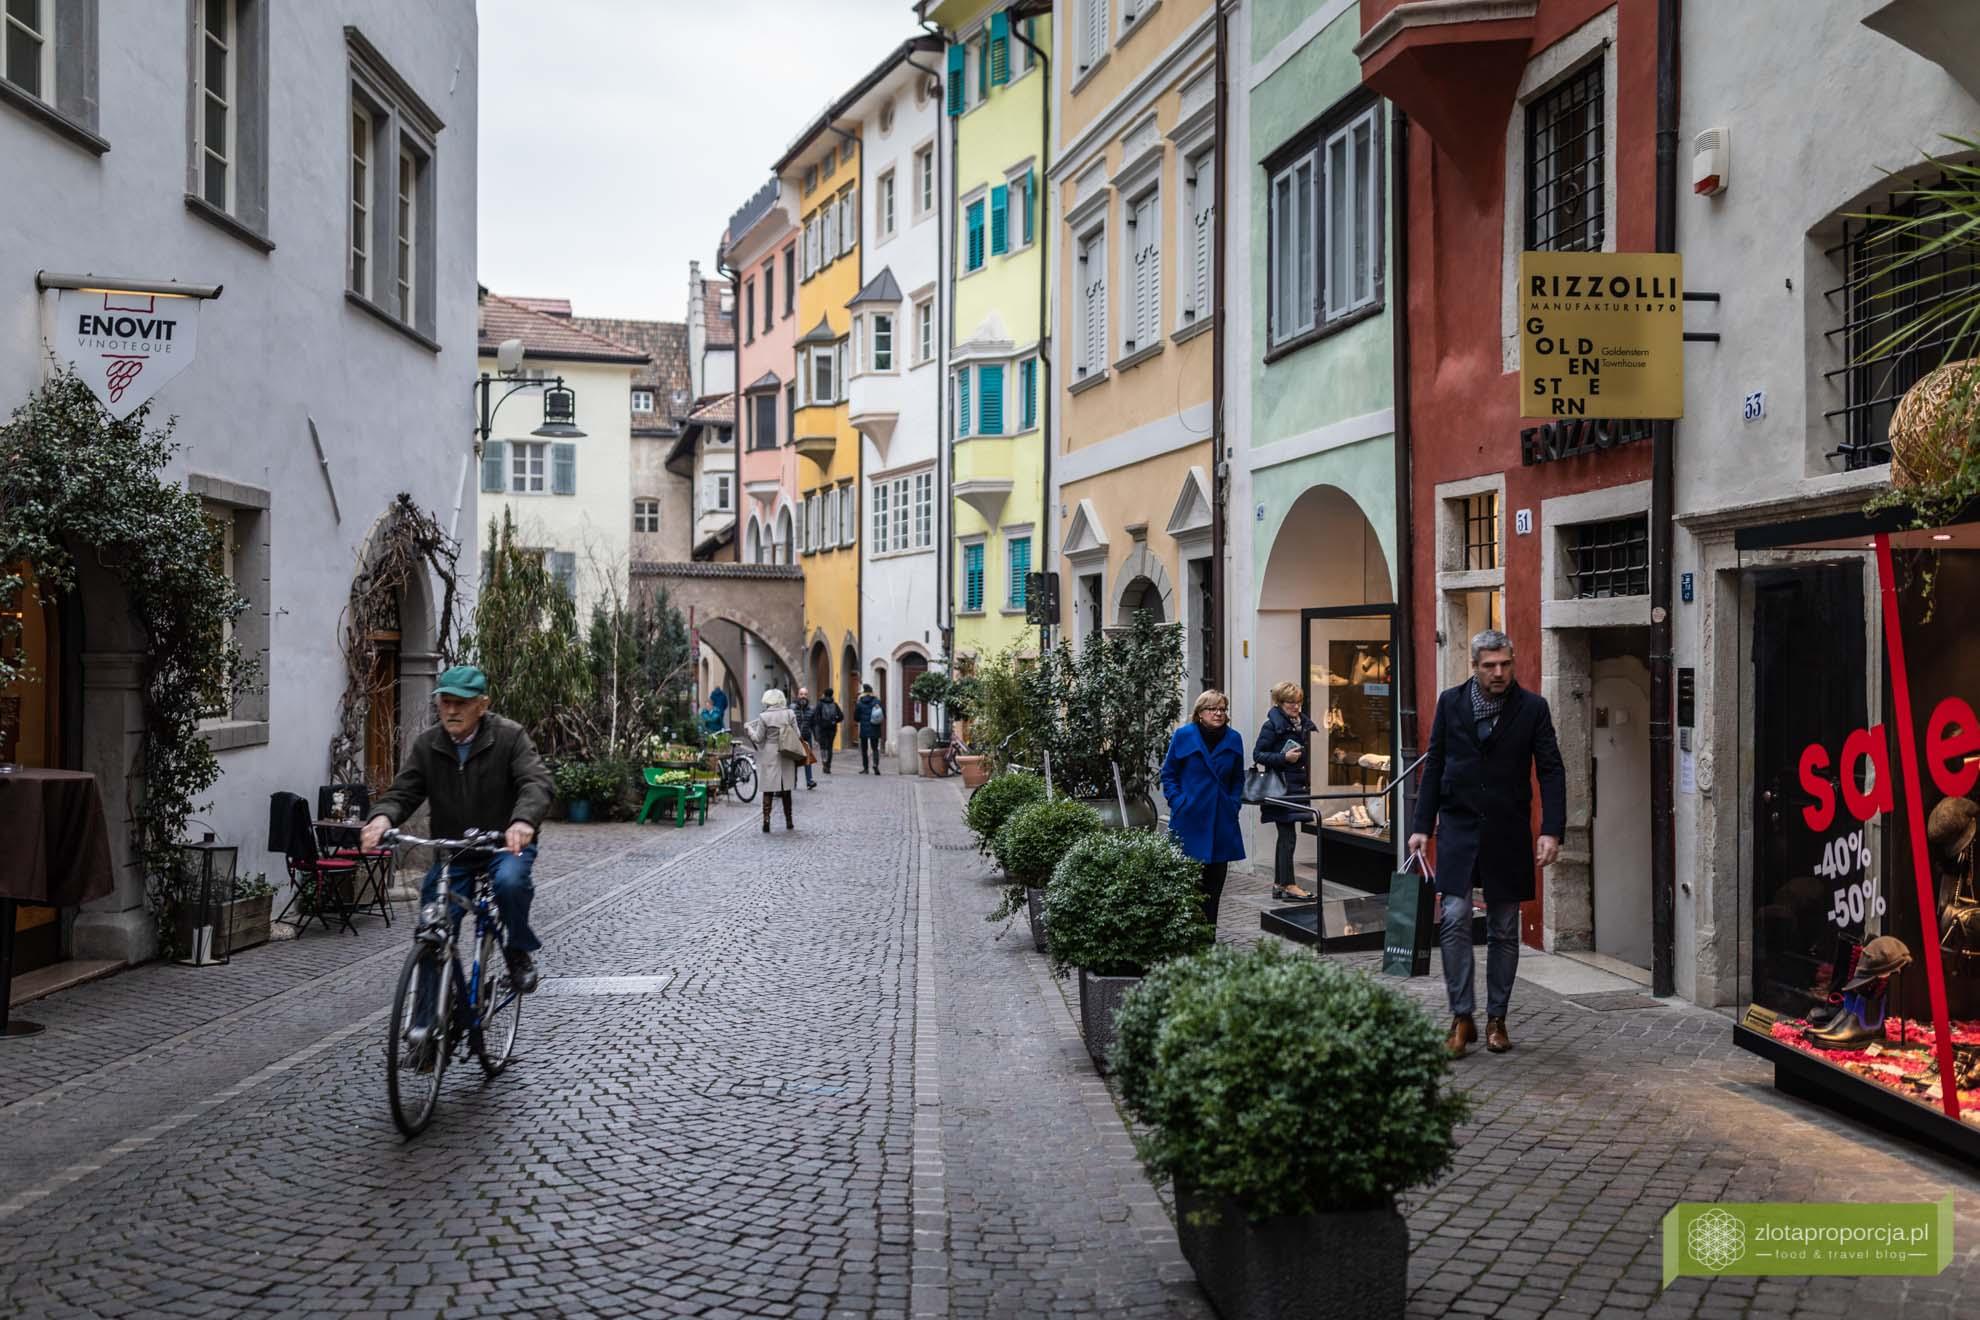 Bolzano; Południowy Tyrol; stolica Południowego Tyrolu; atrakcje Południowego Tyrolu; Bolzano atrakcje; Bolzano Włochy;